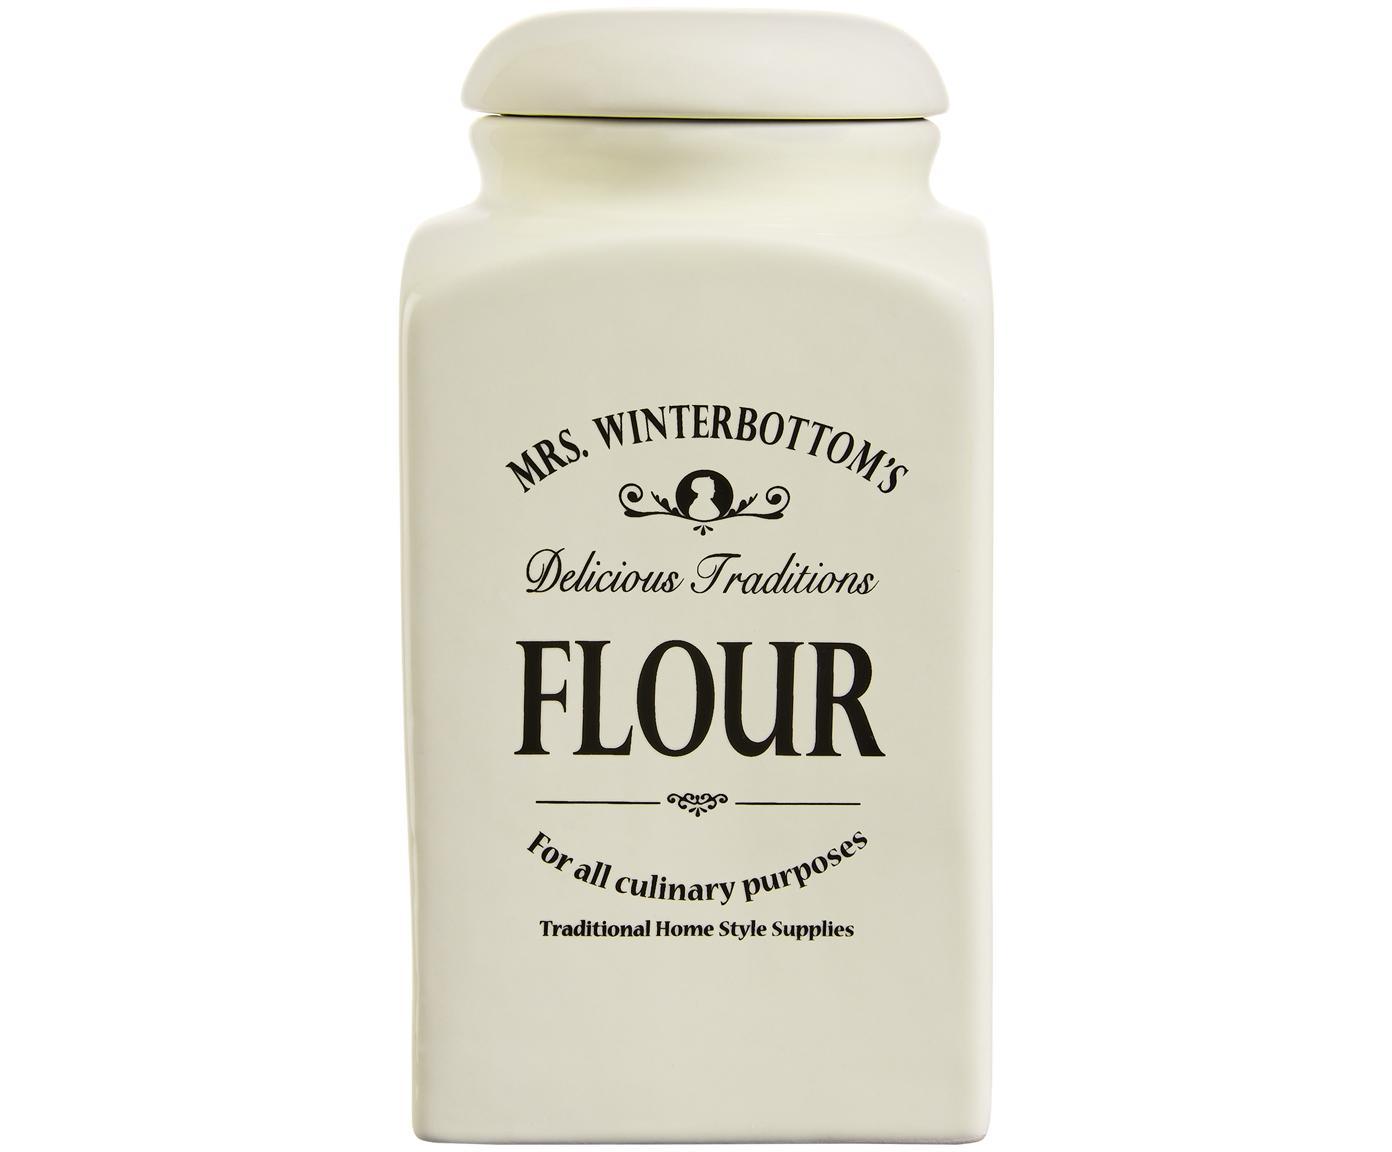 Opbergpot Mrs Winterbottoms Flour, Keramiek, Crèmekleurig, zwart, Ø 11 cm